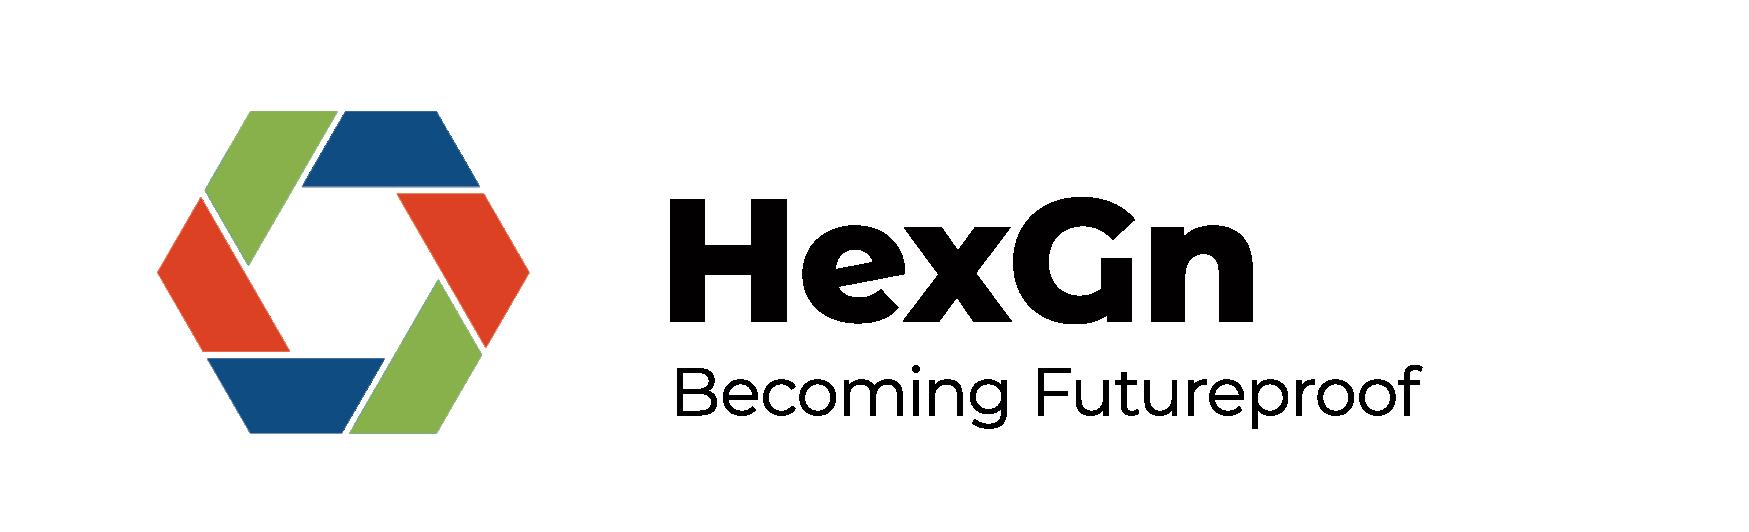 HexGn Logo